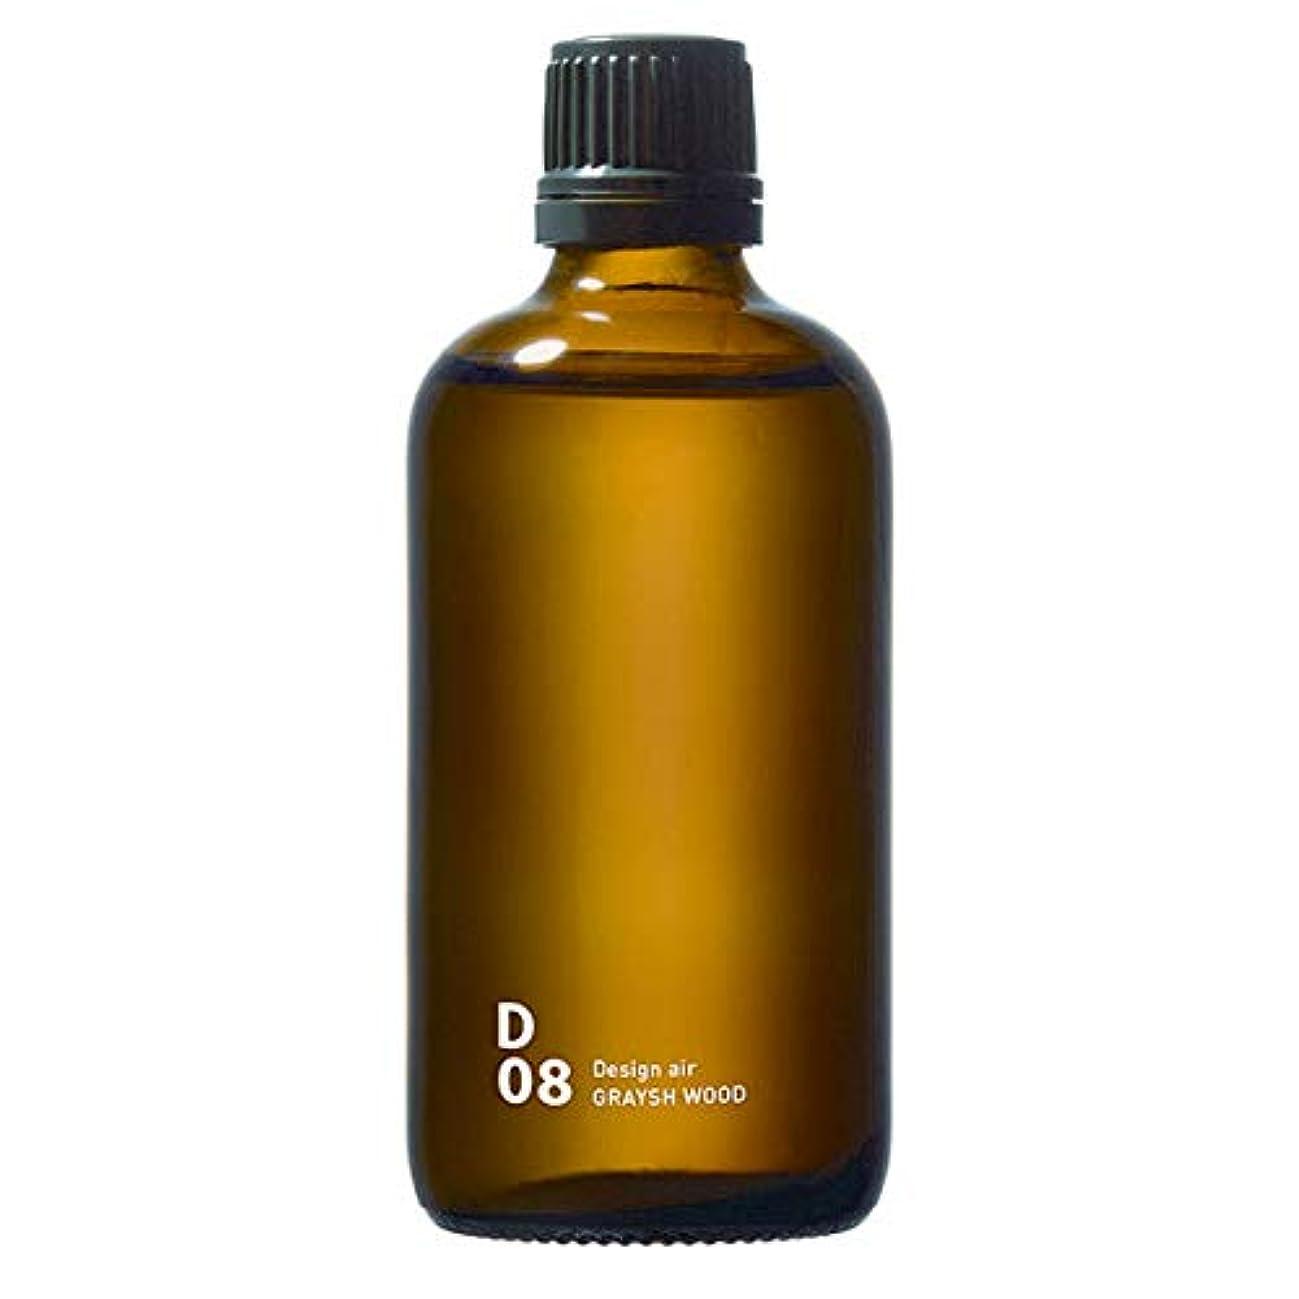 雹メトロポリタン敏感なD08 GRAYISH WOOD piezo aroma oil 100ml